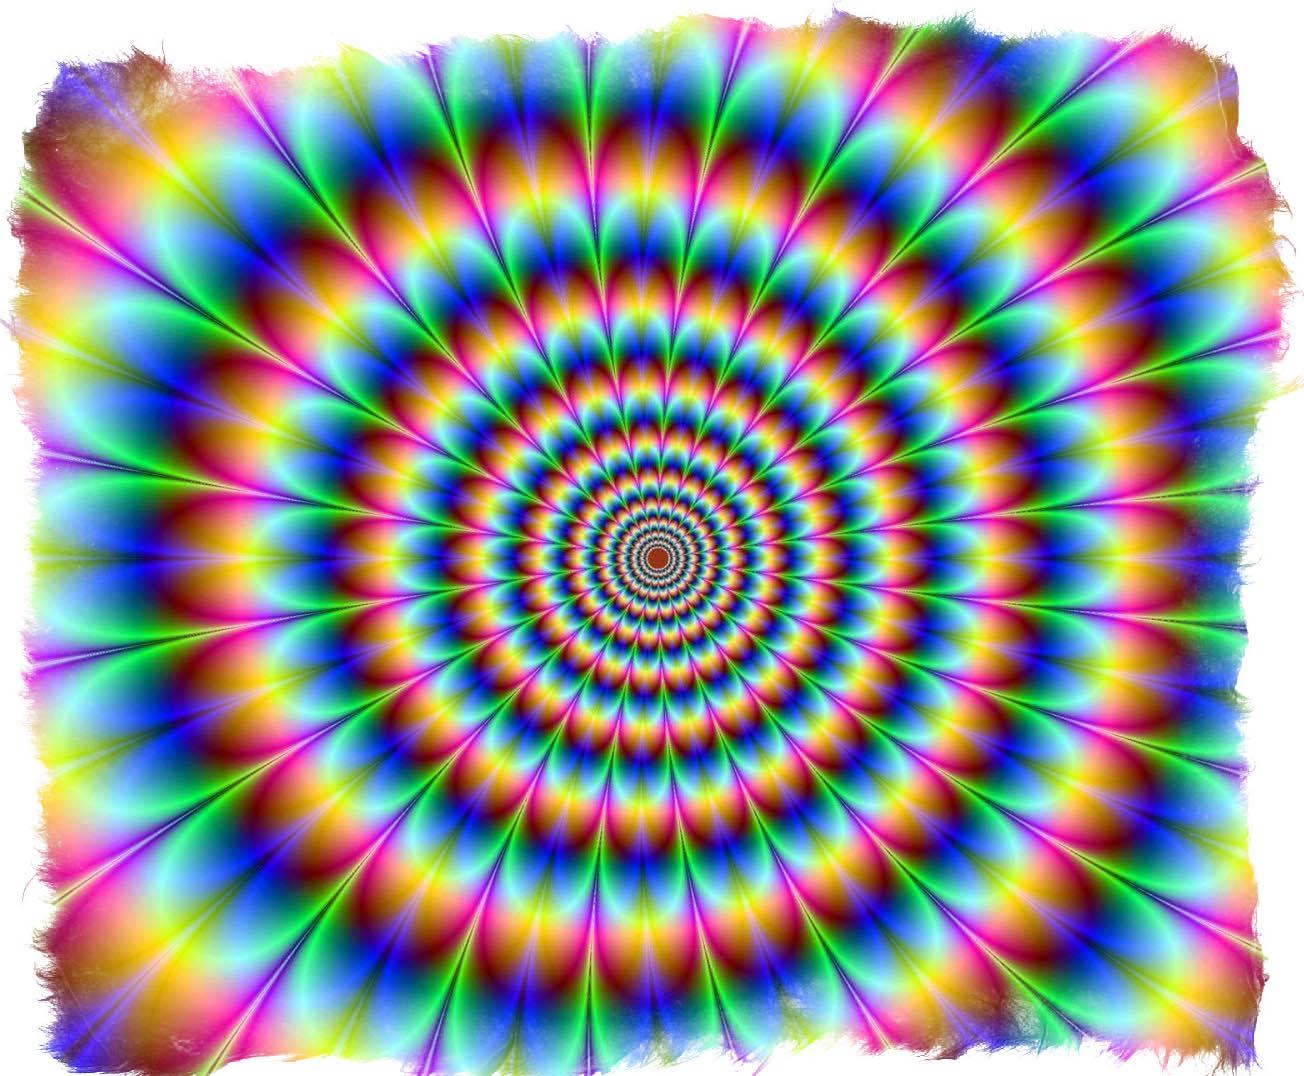 магия третьего глаза картинки